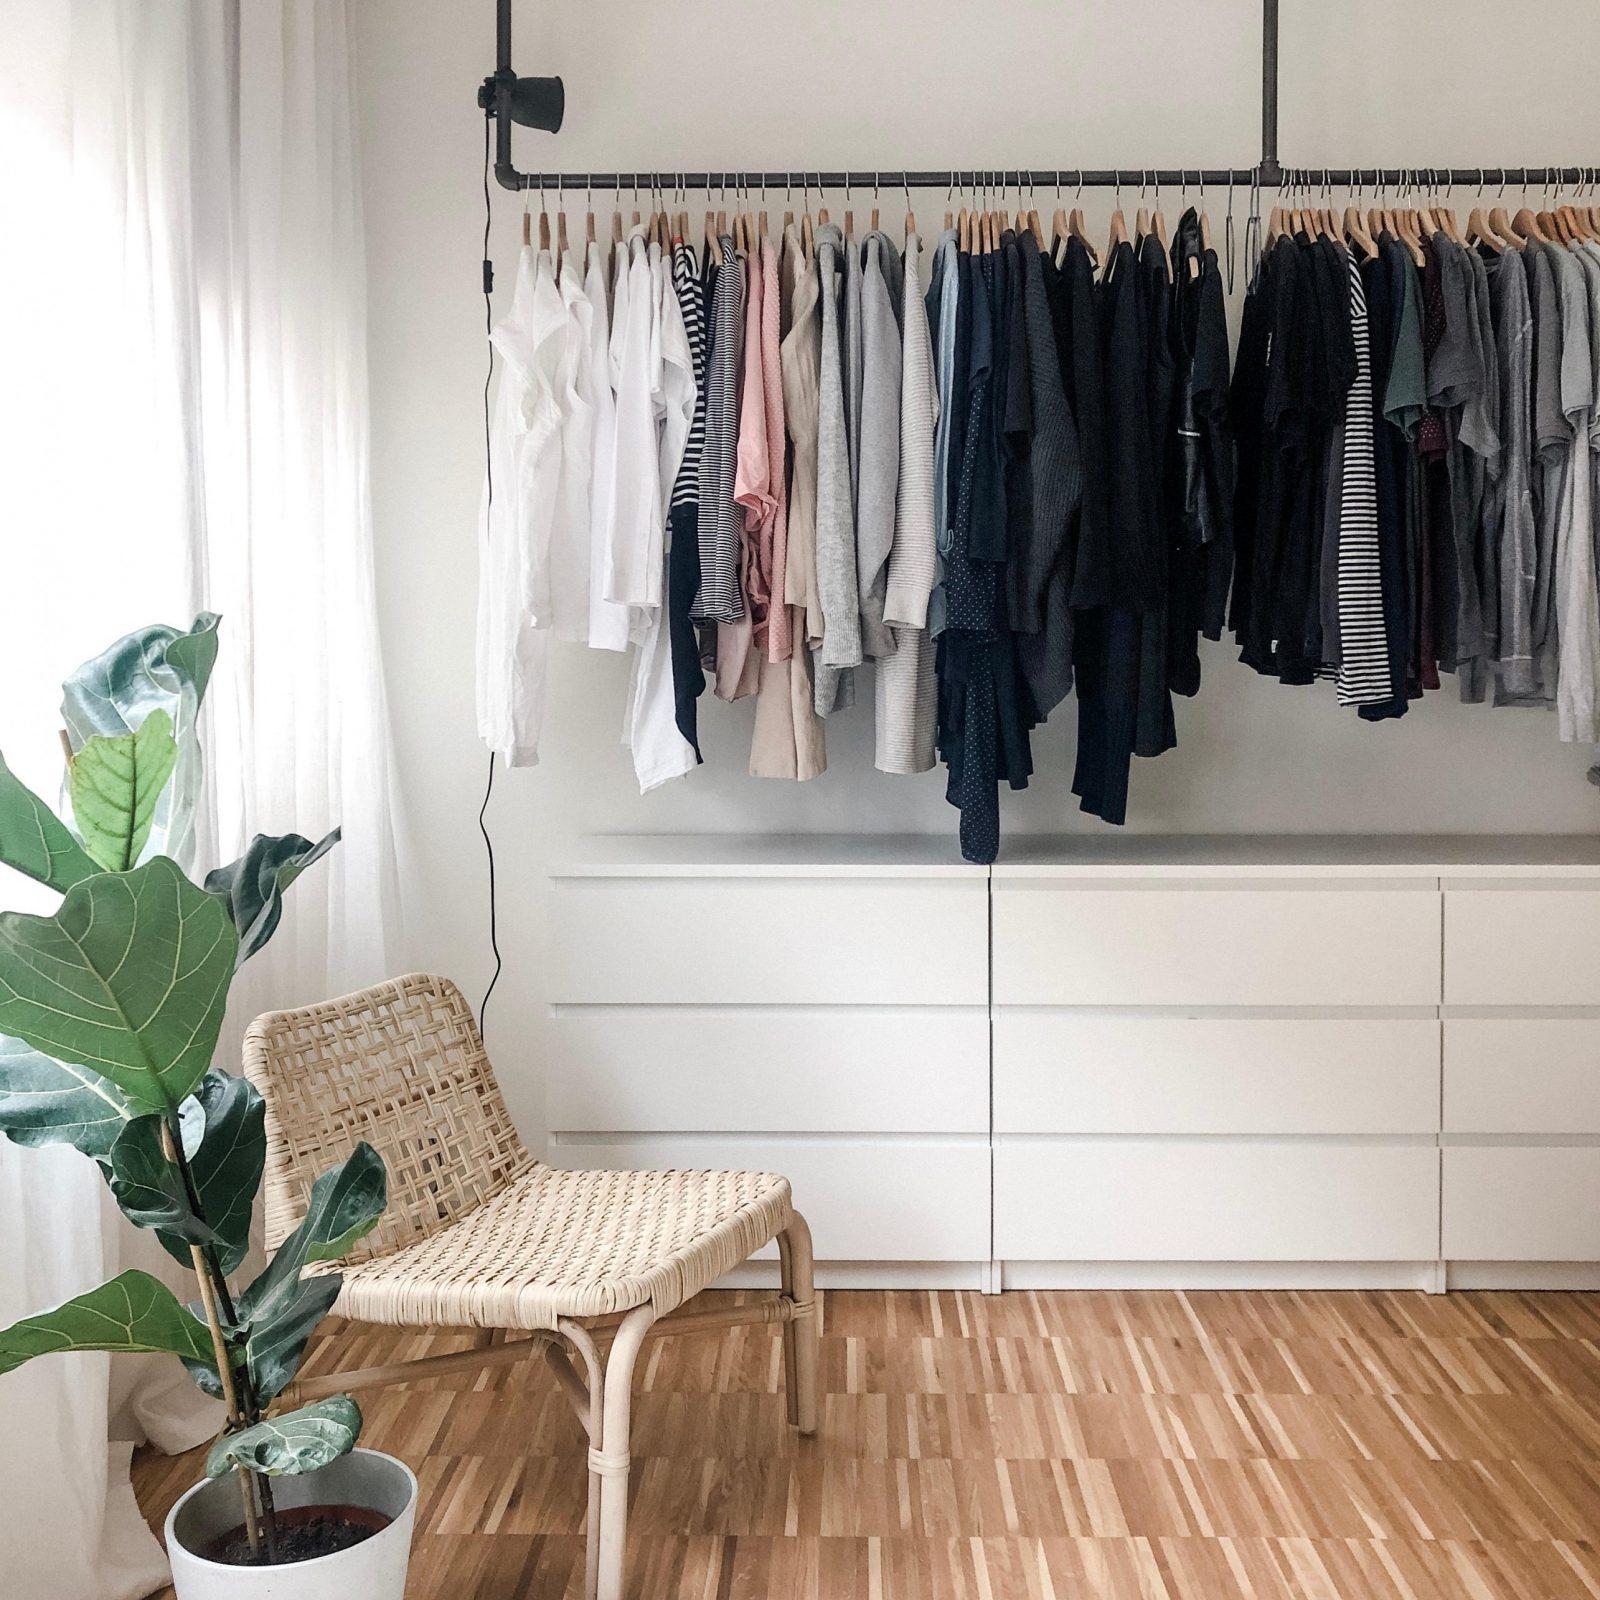 Kleiderschrank So Integrierst Das Stauraumwunder von Schlafzimmer Kleiderschrank Ideen Bild